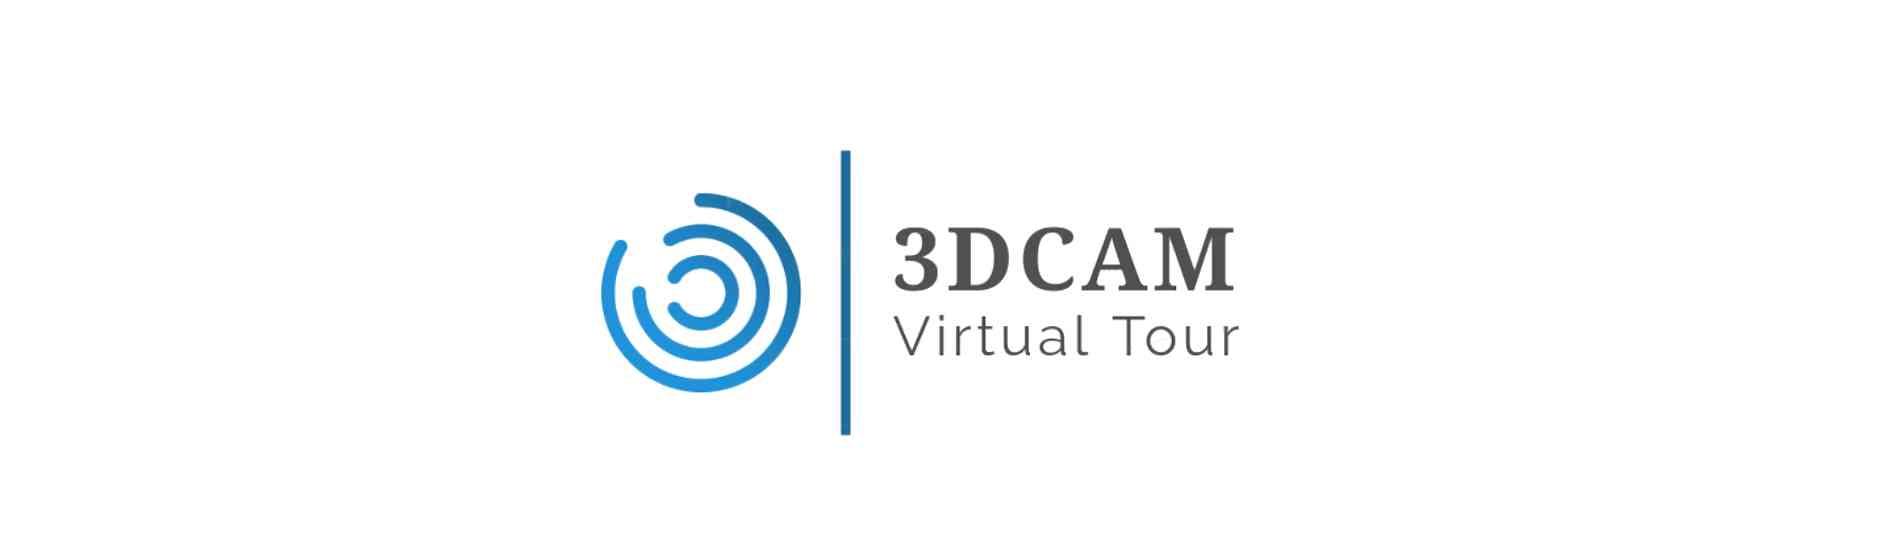 3DCAM Virtual Tours | Pézenas France | 360 3D VR tours